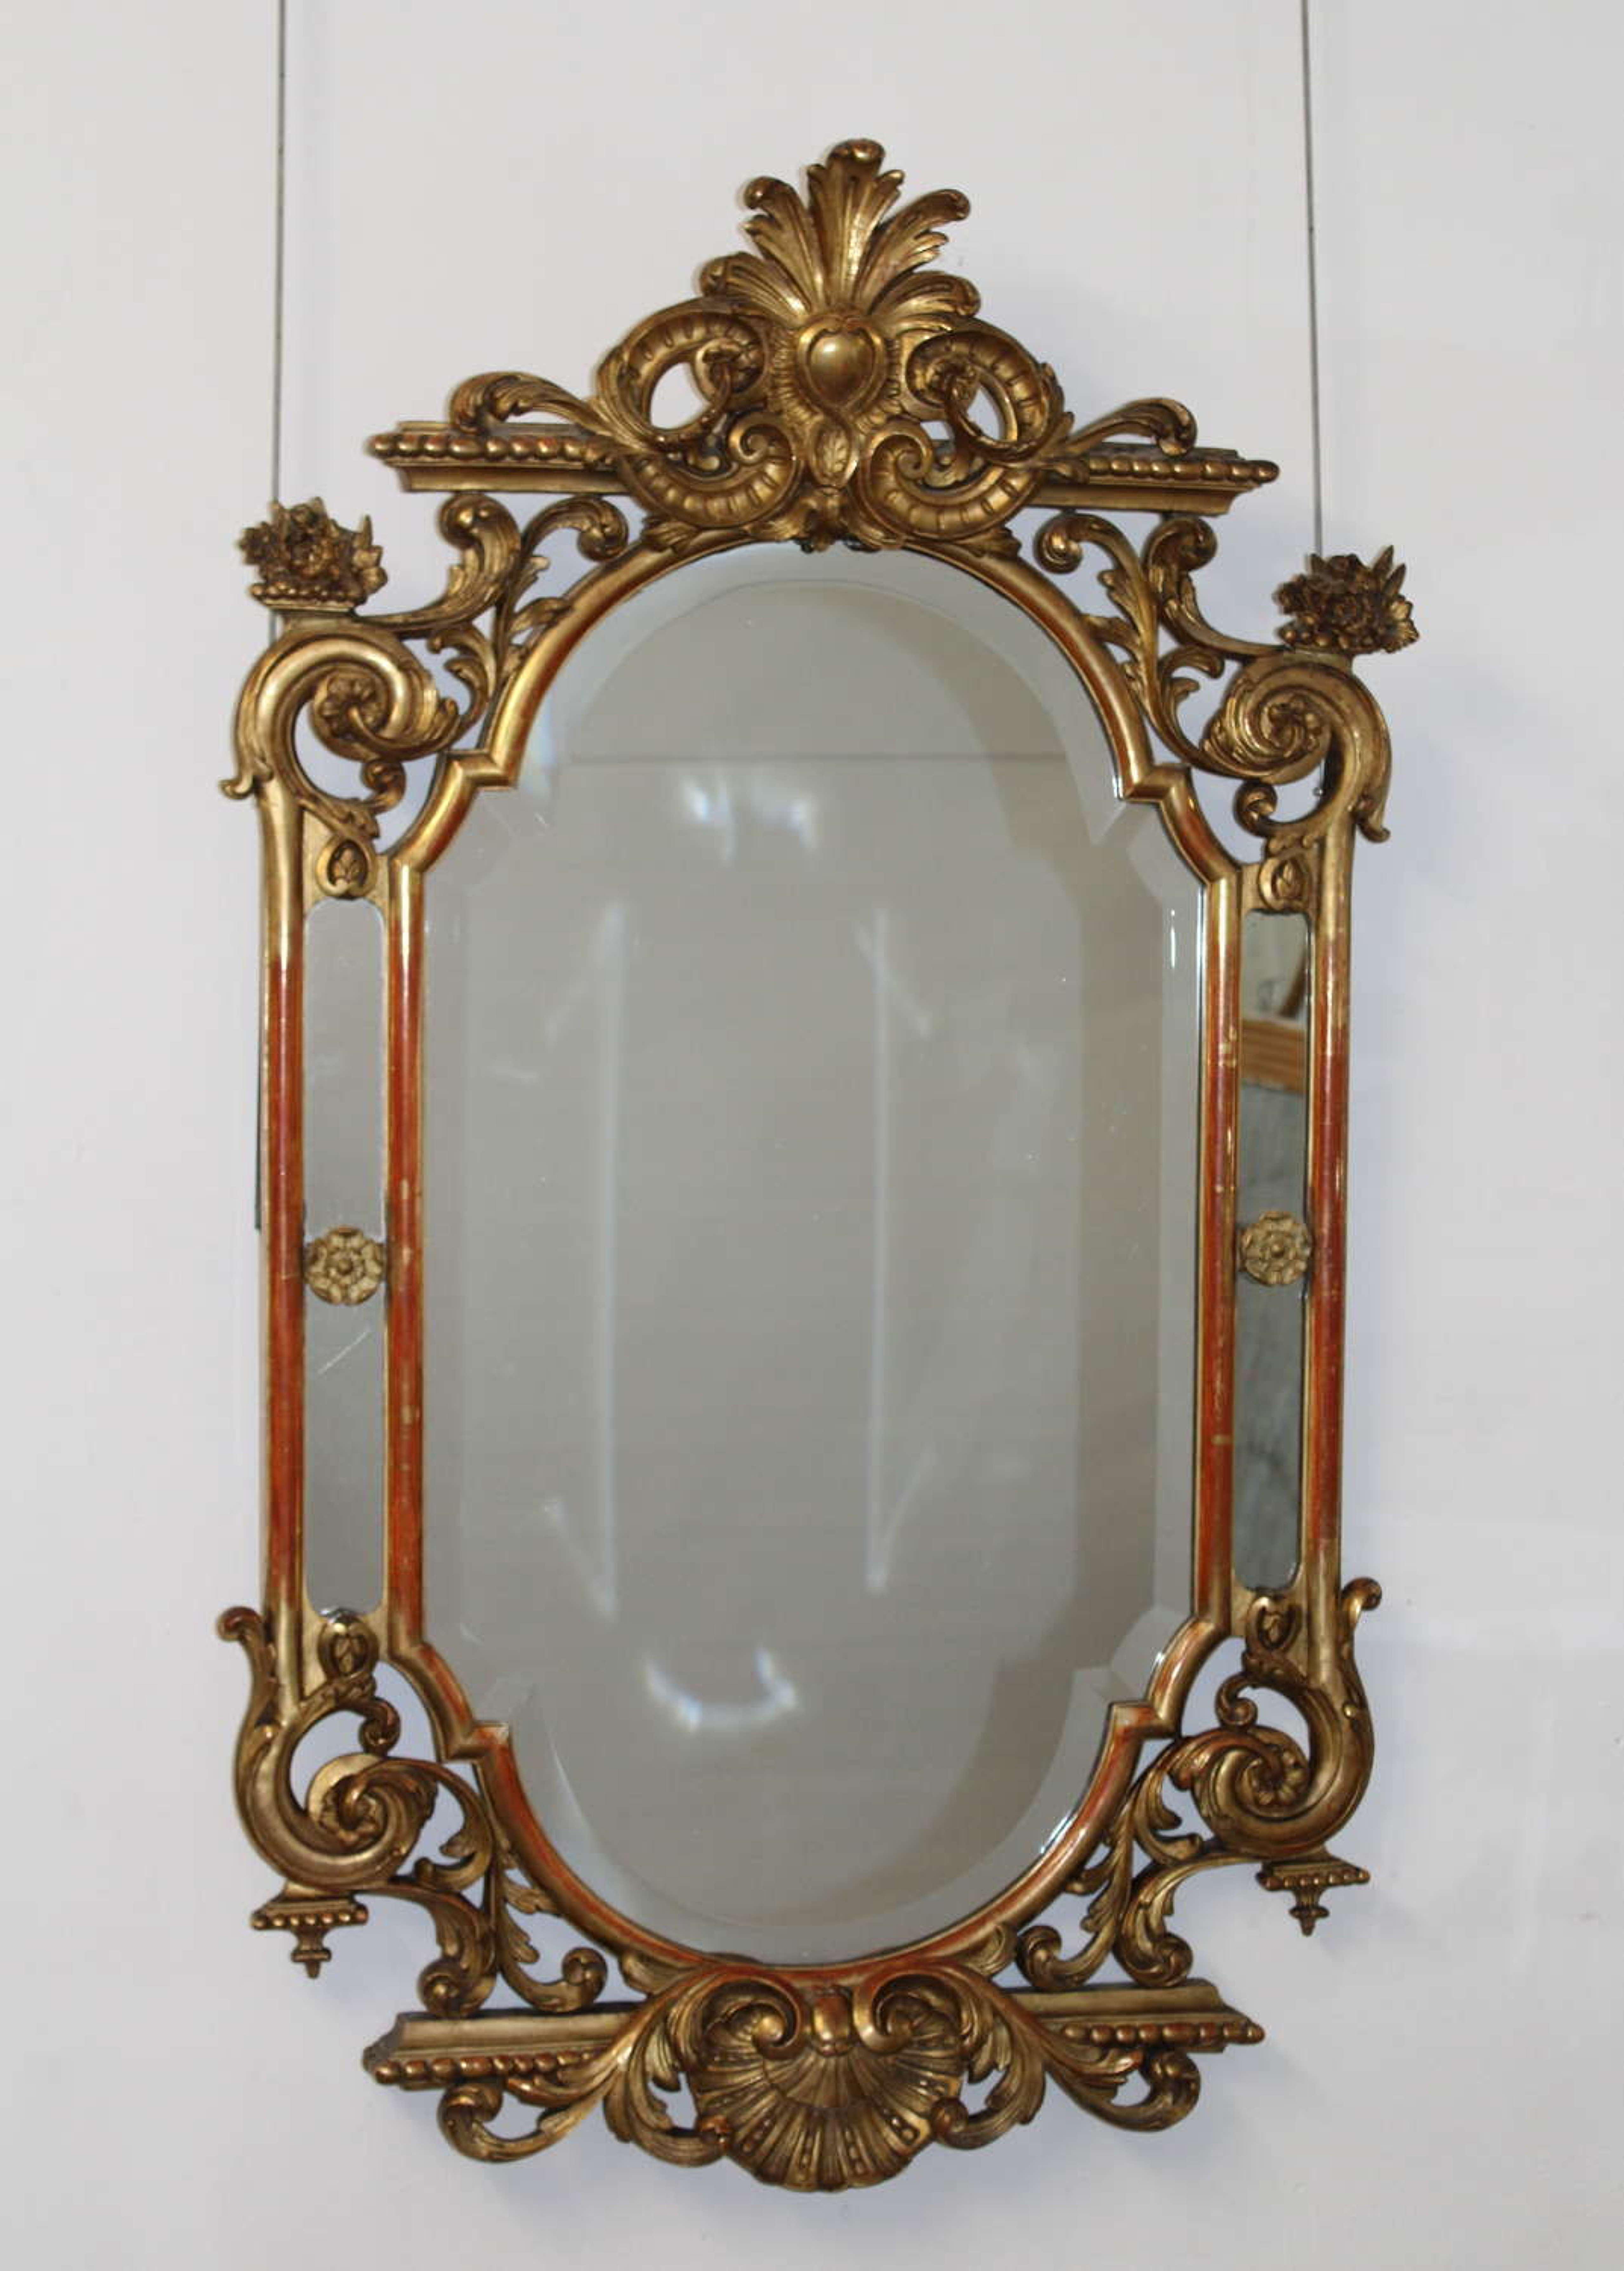 Elegant Decorative Portrait Antique Mirror In Decorative Antique Mirrors